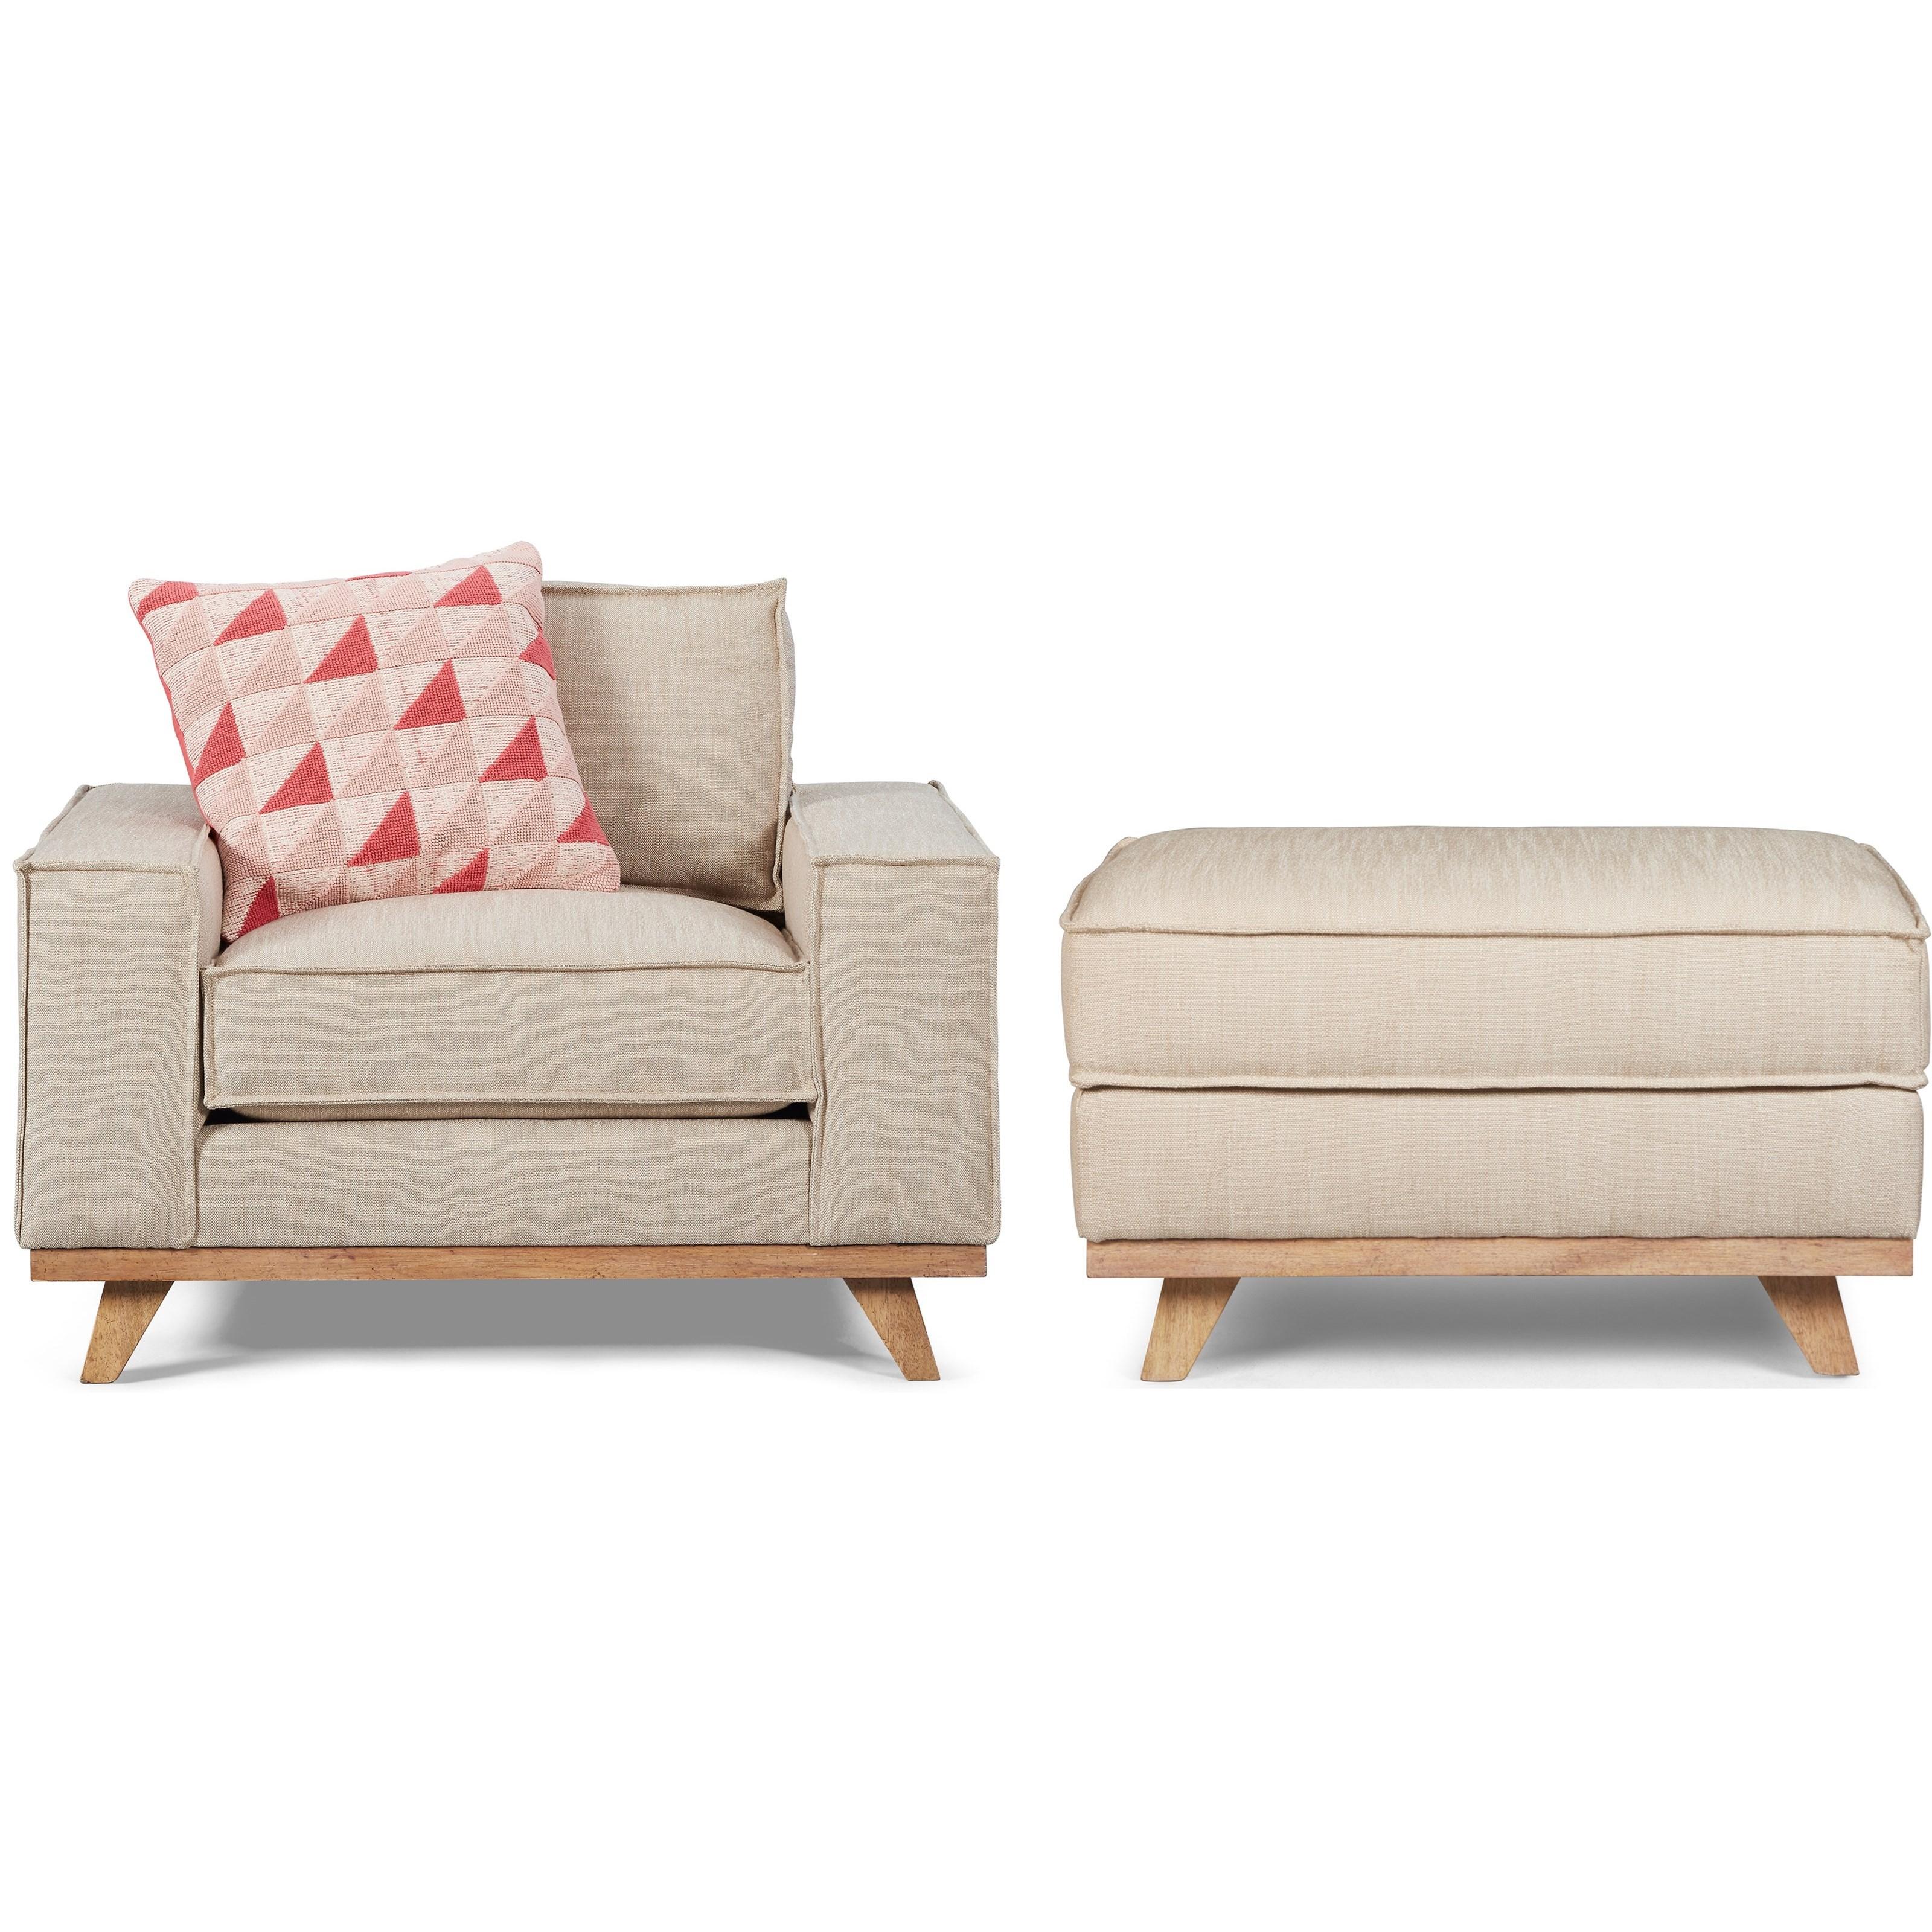 Van Zandt Chair & Ottoman